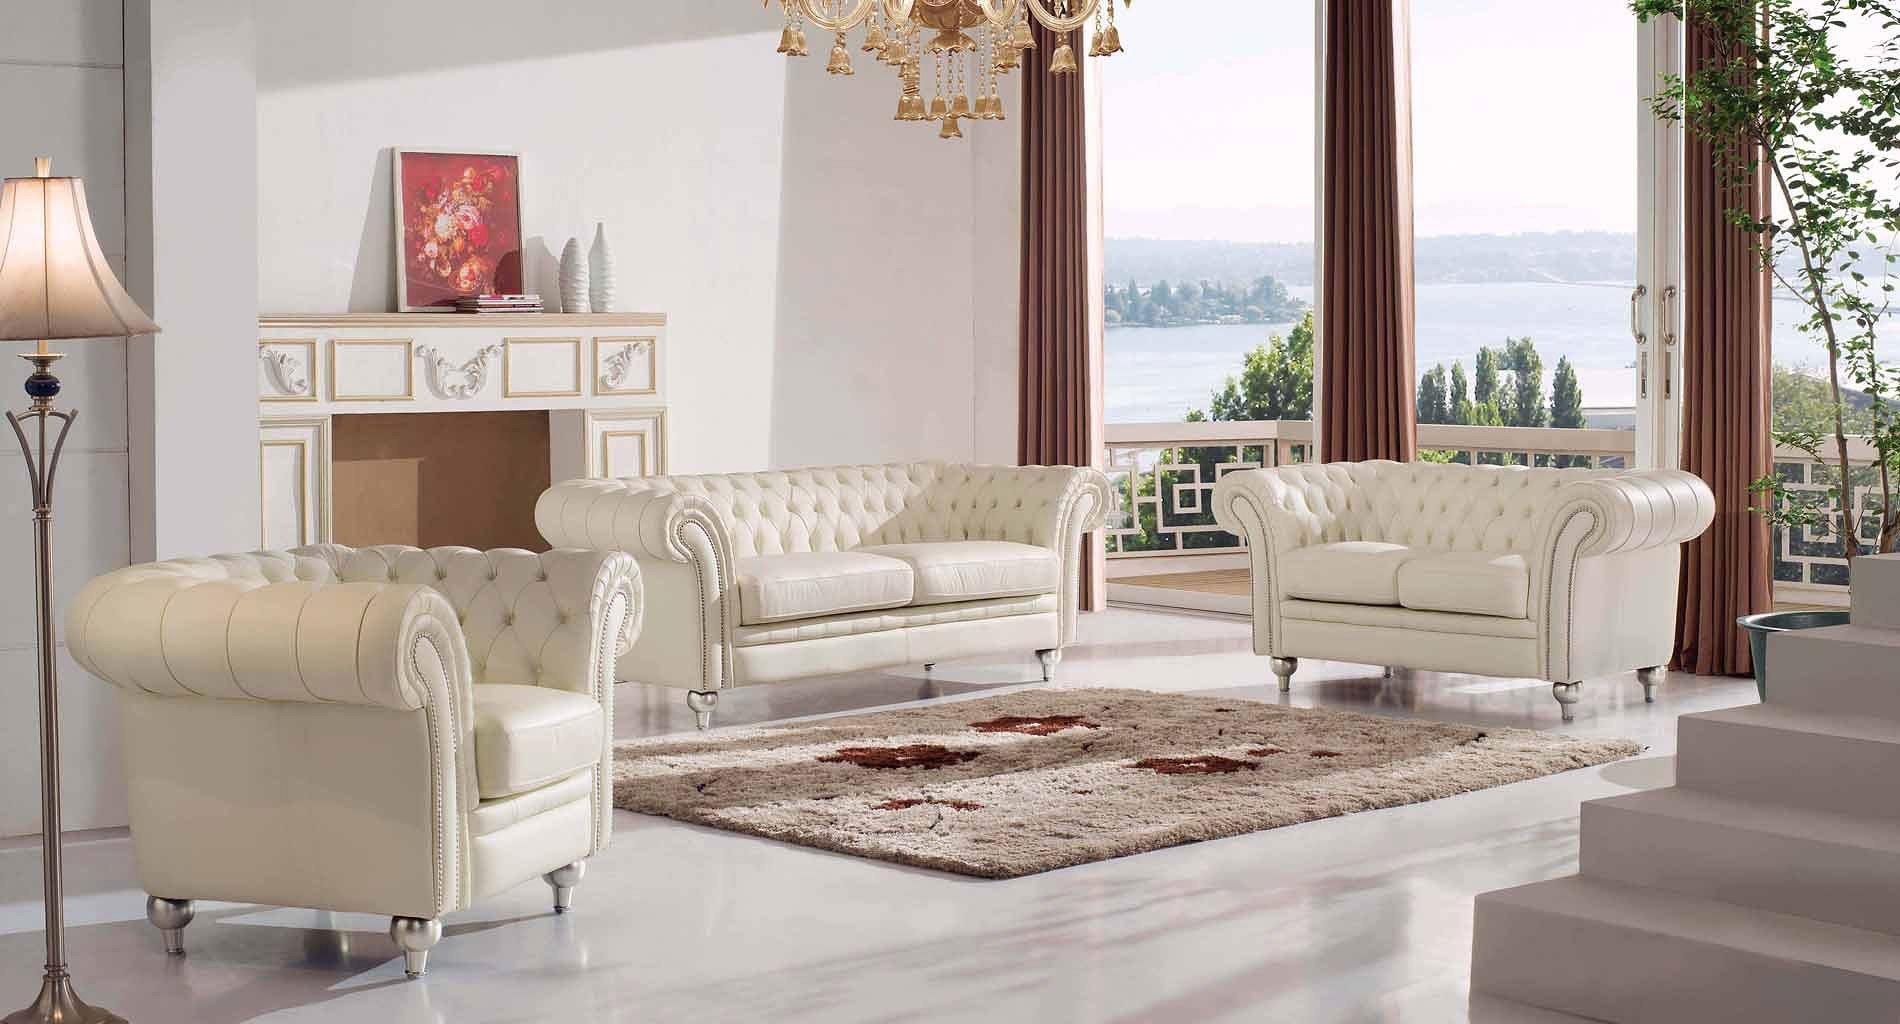 Fantastic 287 Tufted Cream Living Room Set Download Free Architecture Designs Scobabritishbridgeorg